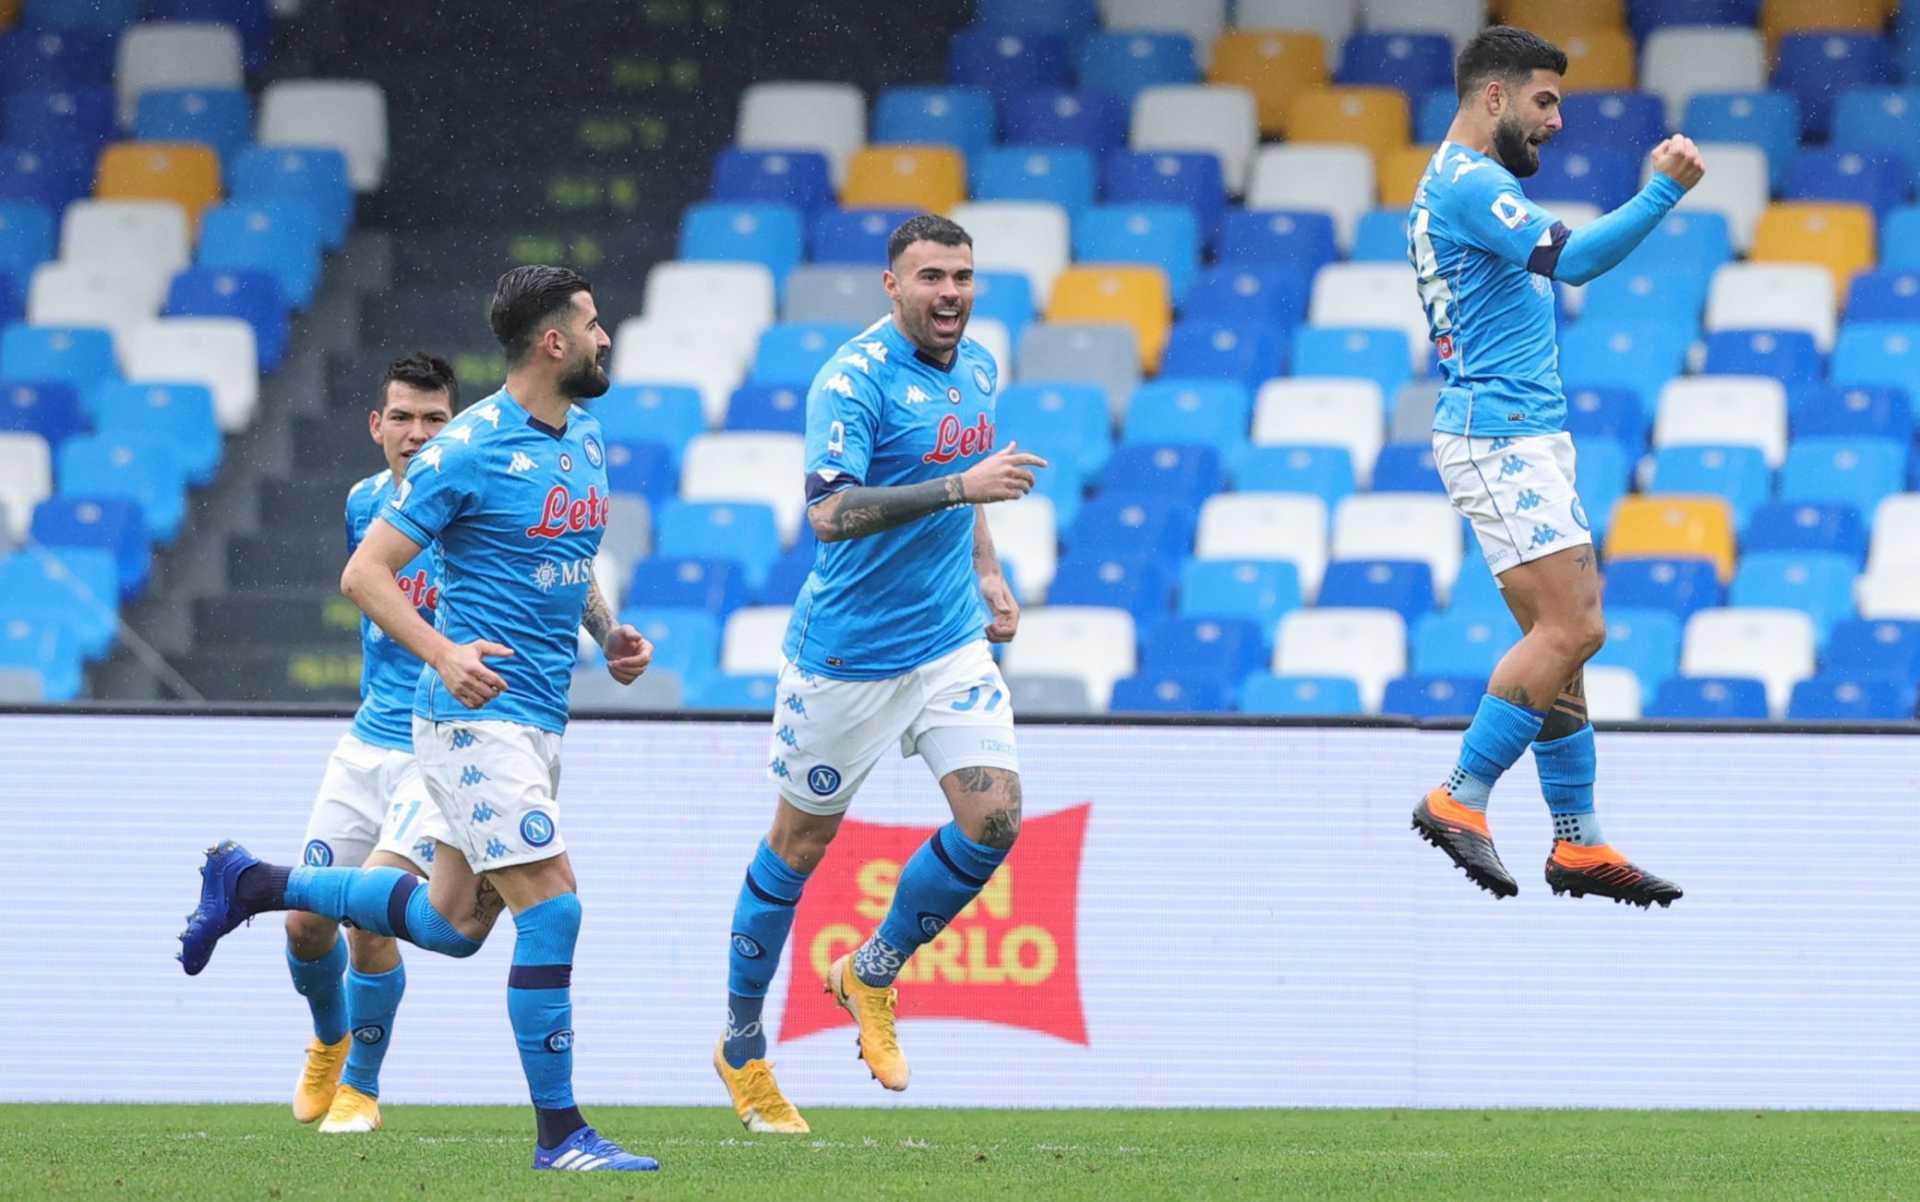 Napoli-Parma, formazioni e dove vederla in streaming e tv